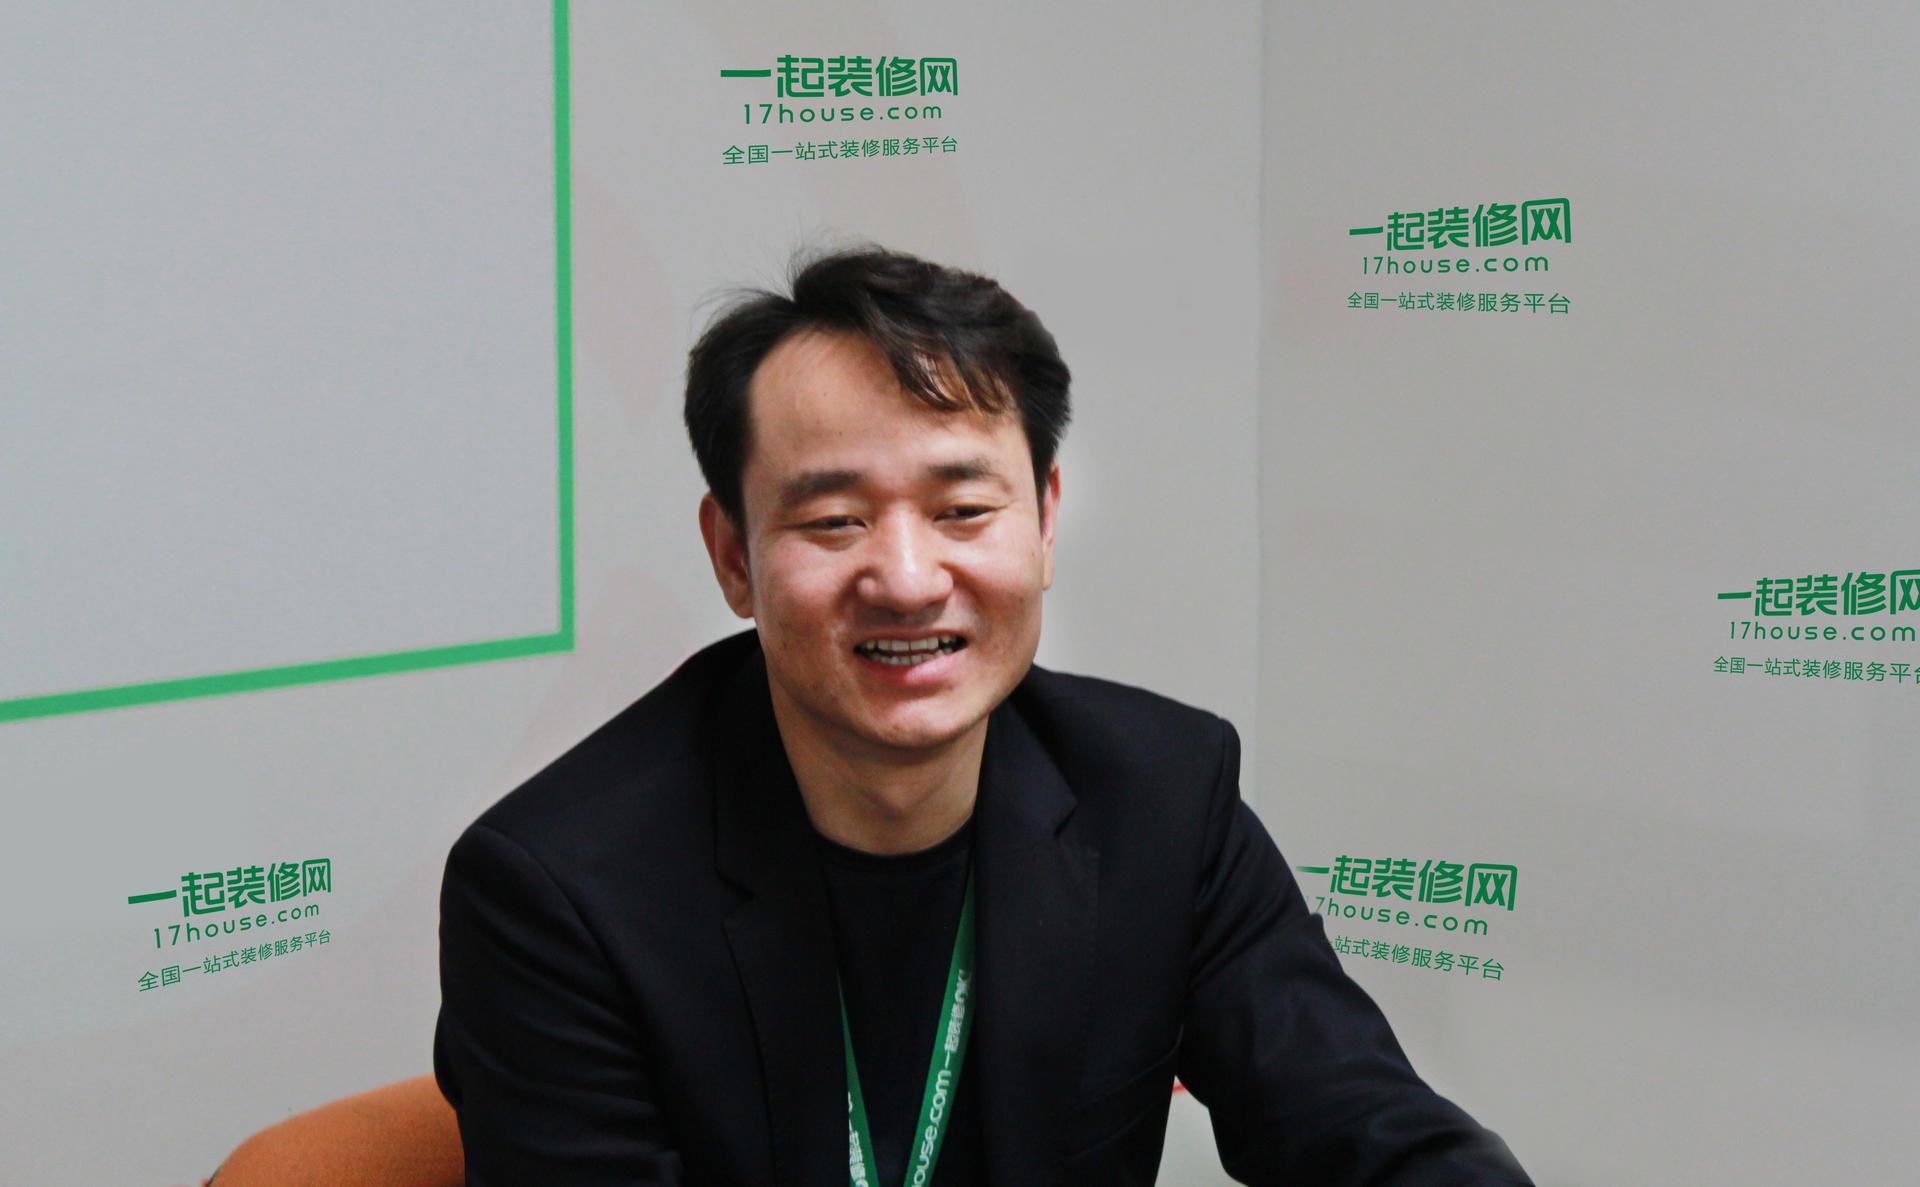 专访一起装修网黄胜杰:没有提前布局融资是一个战略失误